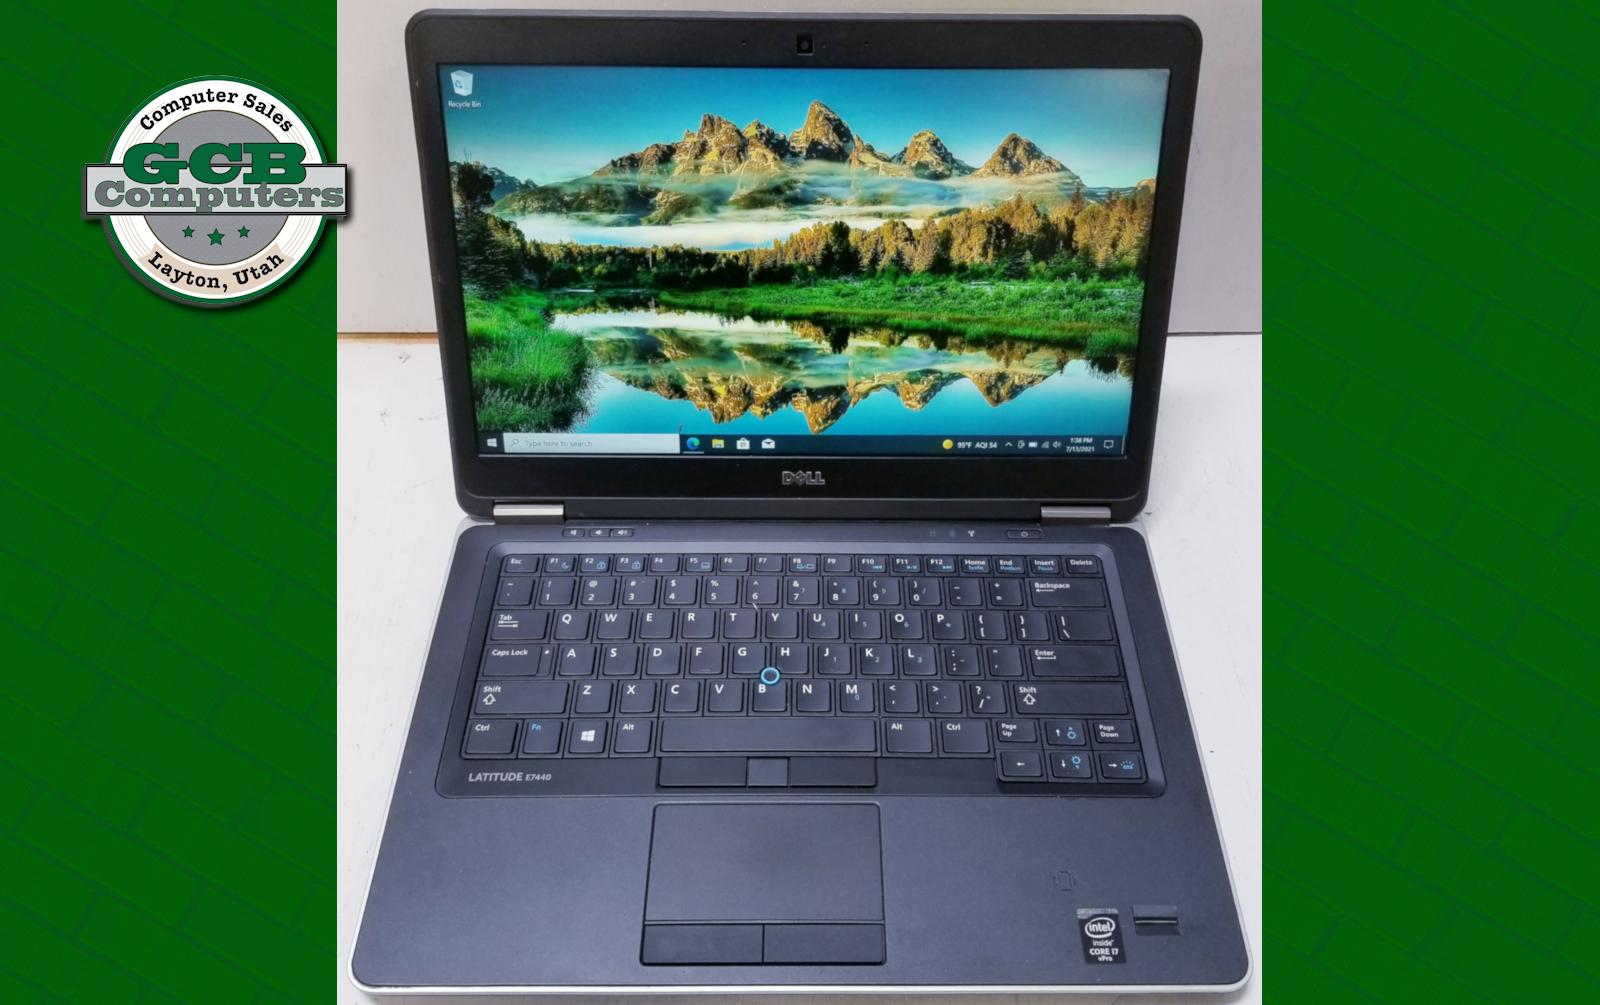 $220 Dell E7440 i7-4600U 256GB SSD 8GB RAM 1080p